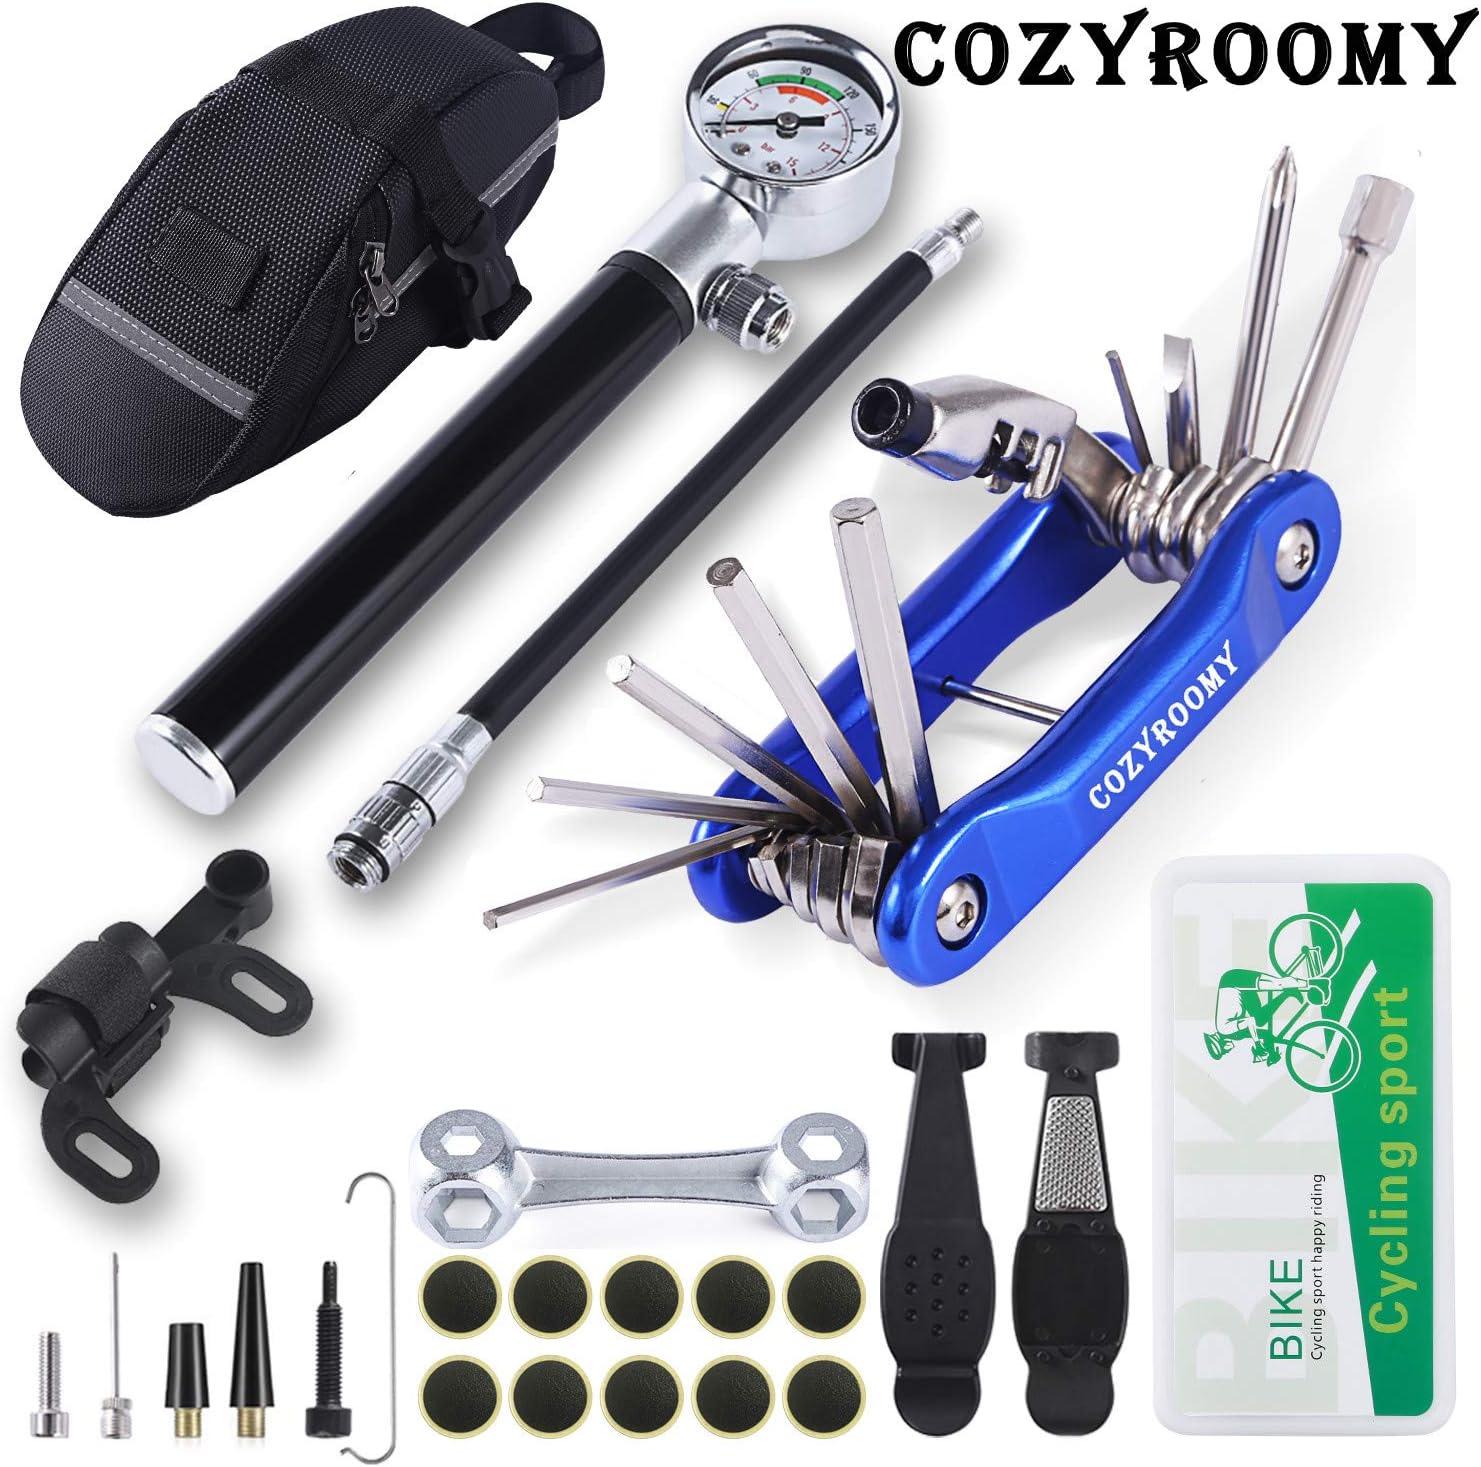 COZYROOMY Kit Herramientas Bicicleta,Reparación de pinchazos Bicicleta, 210 PSI Mini Pump, Multi-Herramienta 10 en 1, Palancas de neumáticos y 10 Parches,1 Bolso portátil. 6 Meses de Garantia